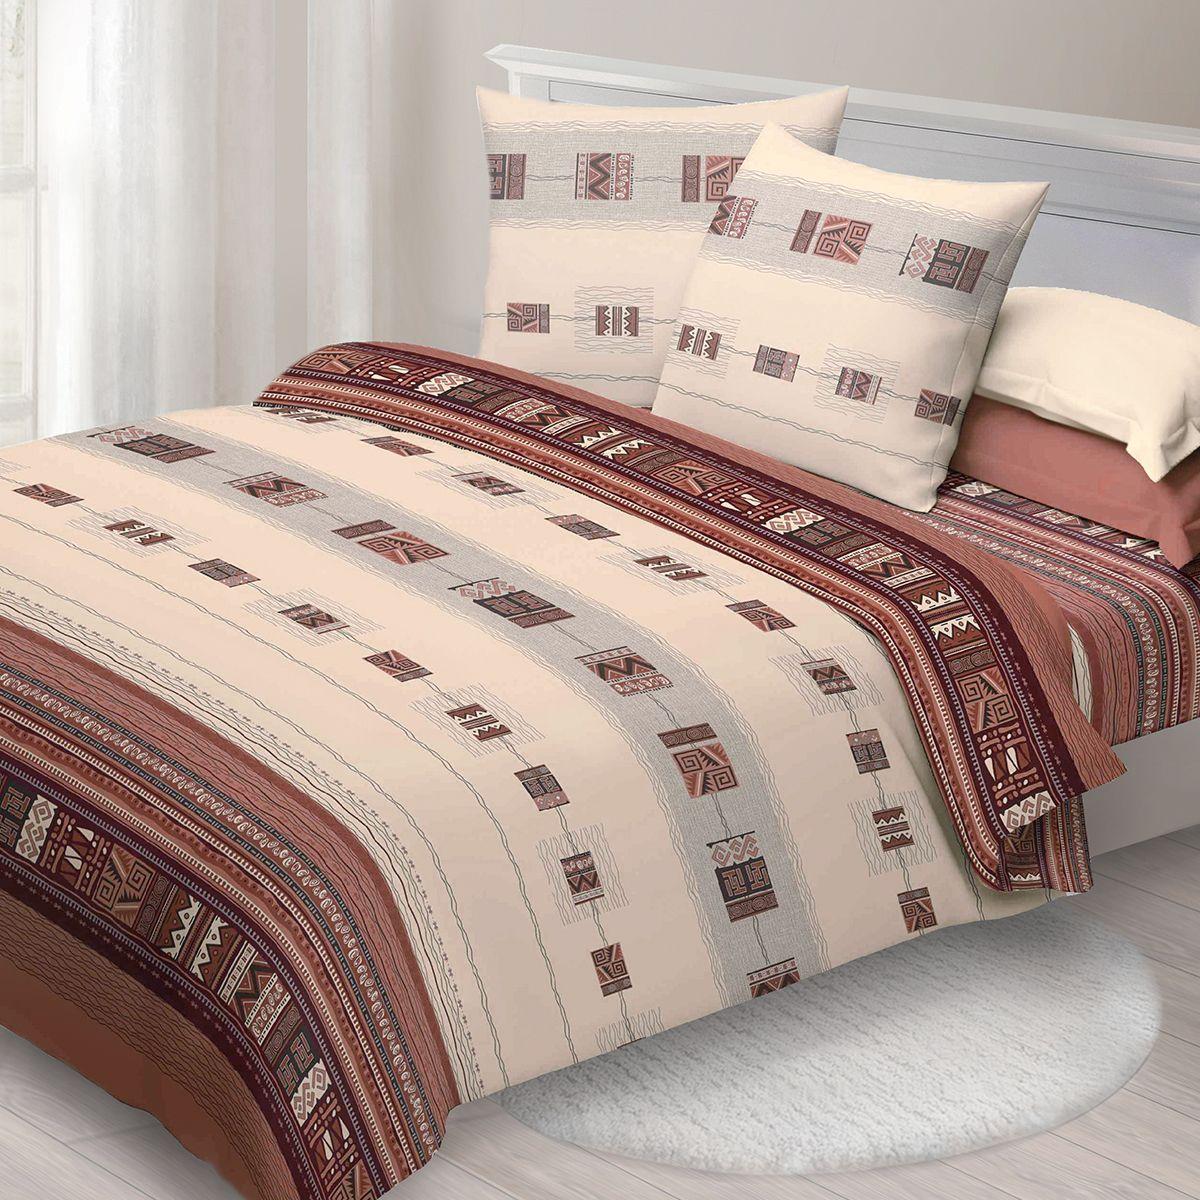 Комплект белья Спал Спалыч Этно, 1,5-спальное, наволочки 70x70, цвет: коричневый704085Спал Спалыч - недорогое, но качественное постельное белье из белорусской бязи. Актуальные дизайны, авторская упаковка в сочетании с качественными материалами и приемлемой ценой - залог успеха Спал Спалыча!В ассортименте широкая линейка домашнего текстиля для всей семьи - современные дизайны современному покупателю! Ткань обработана по технологии PERFECT WAY - благодаря чему, она становится более гладкой и шелковистой.• Бязь Барановичи 100% хлопок• Плотность ткани - 125 гр/кв.м.